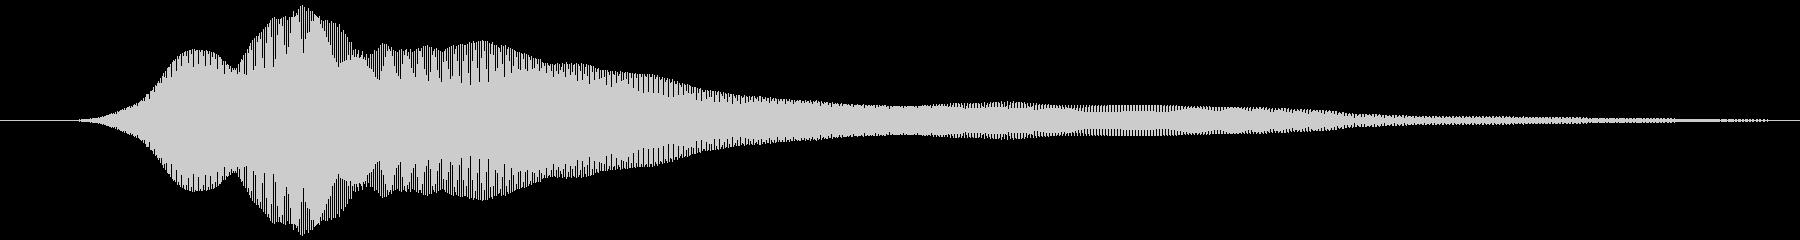 取る風 オノマトペ(下降)ヒュゥの未再生の波形